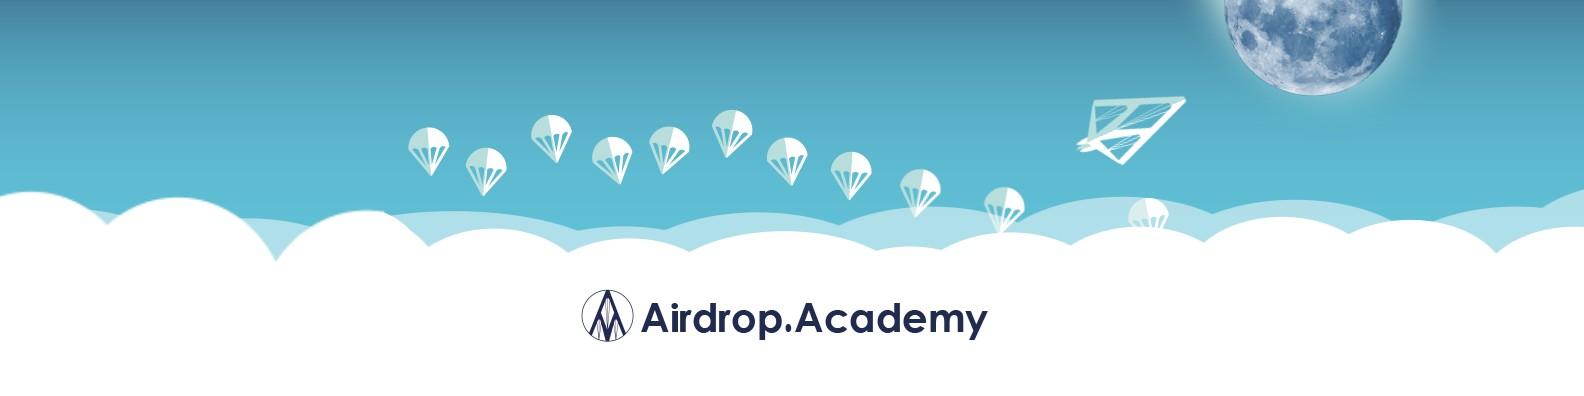 Crypto Airdrop Academy | LinkedIn